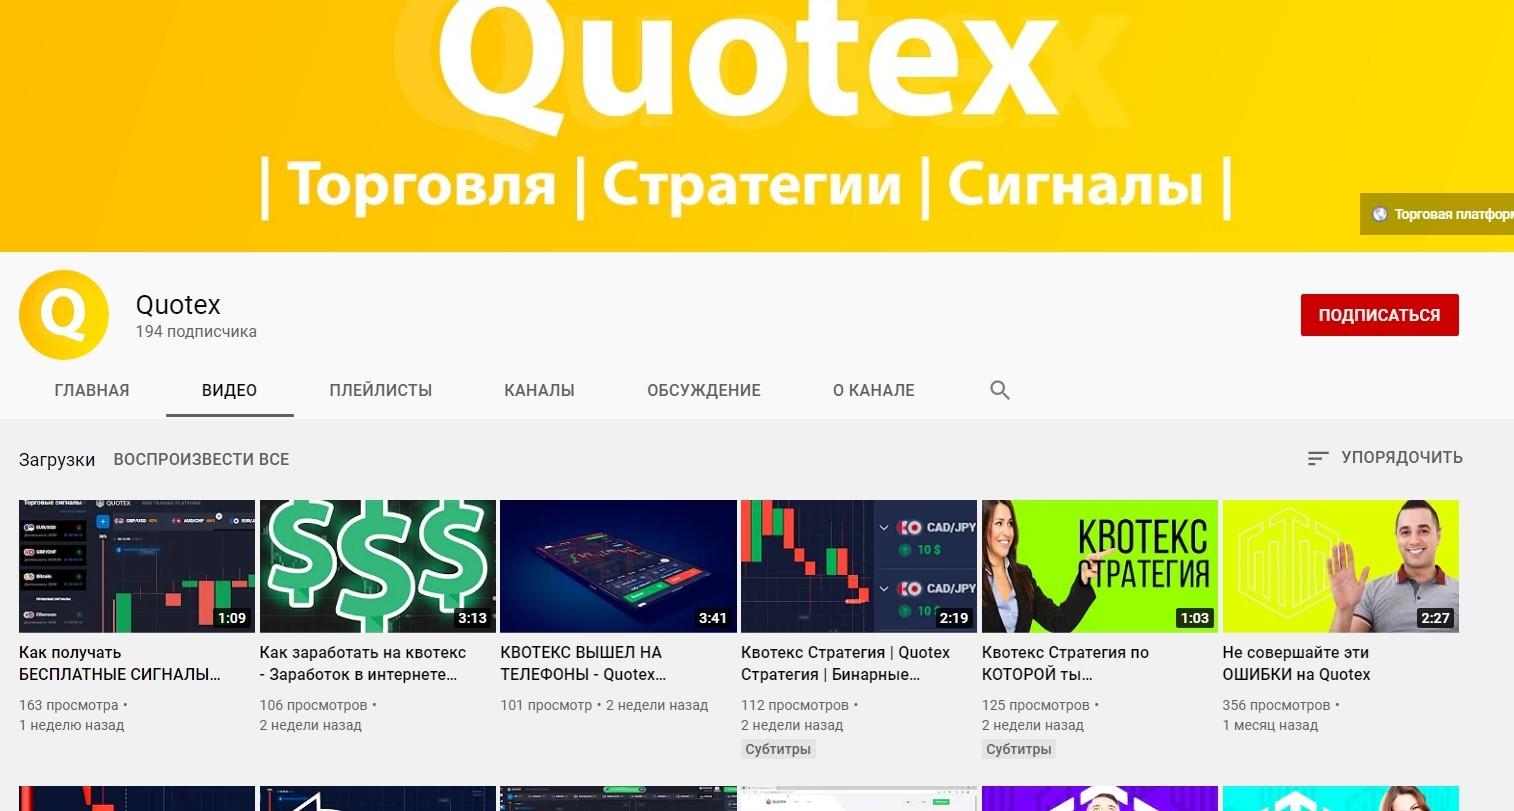 Ютуб канал Quotex